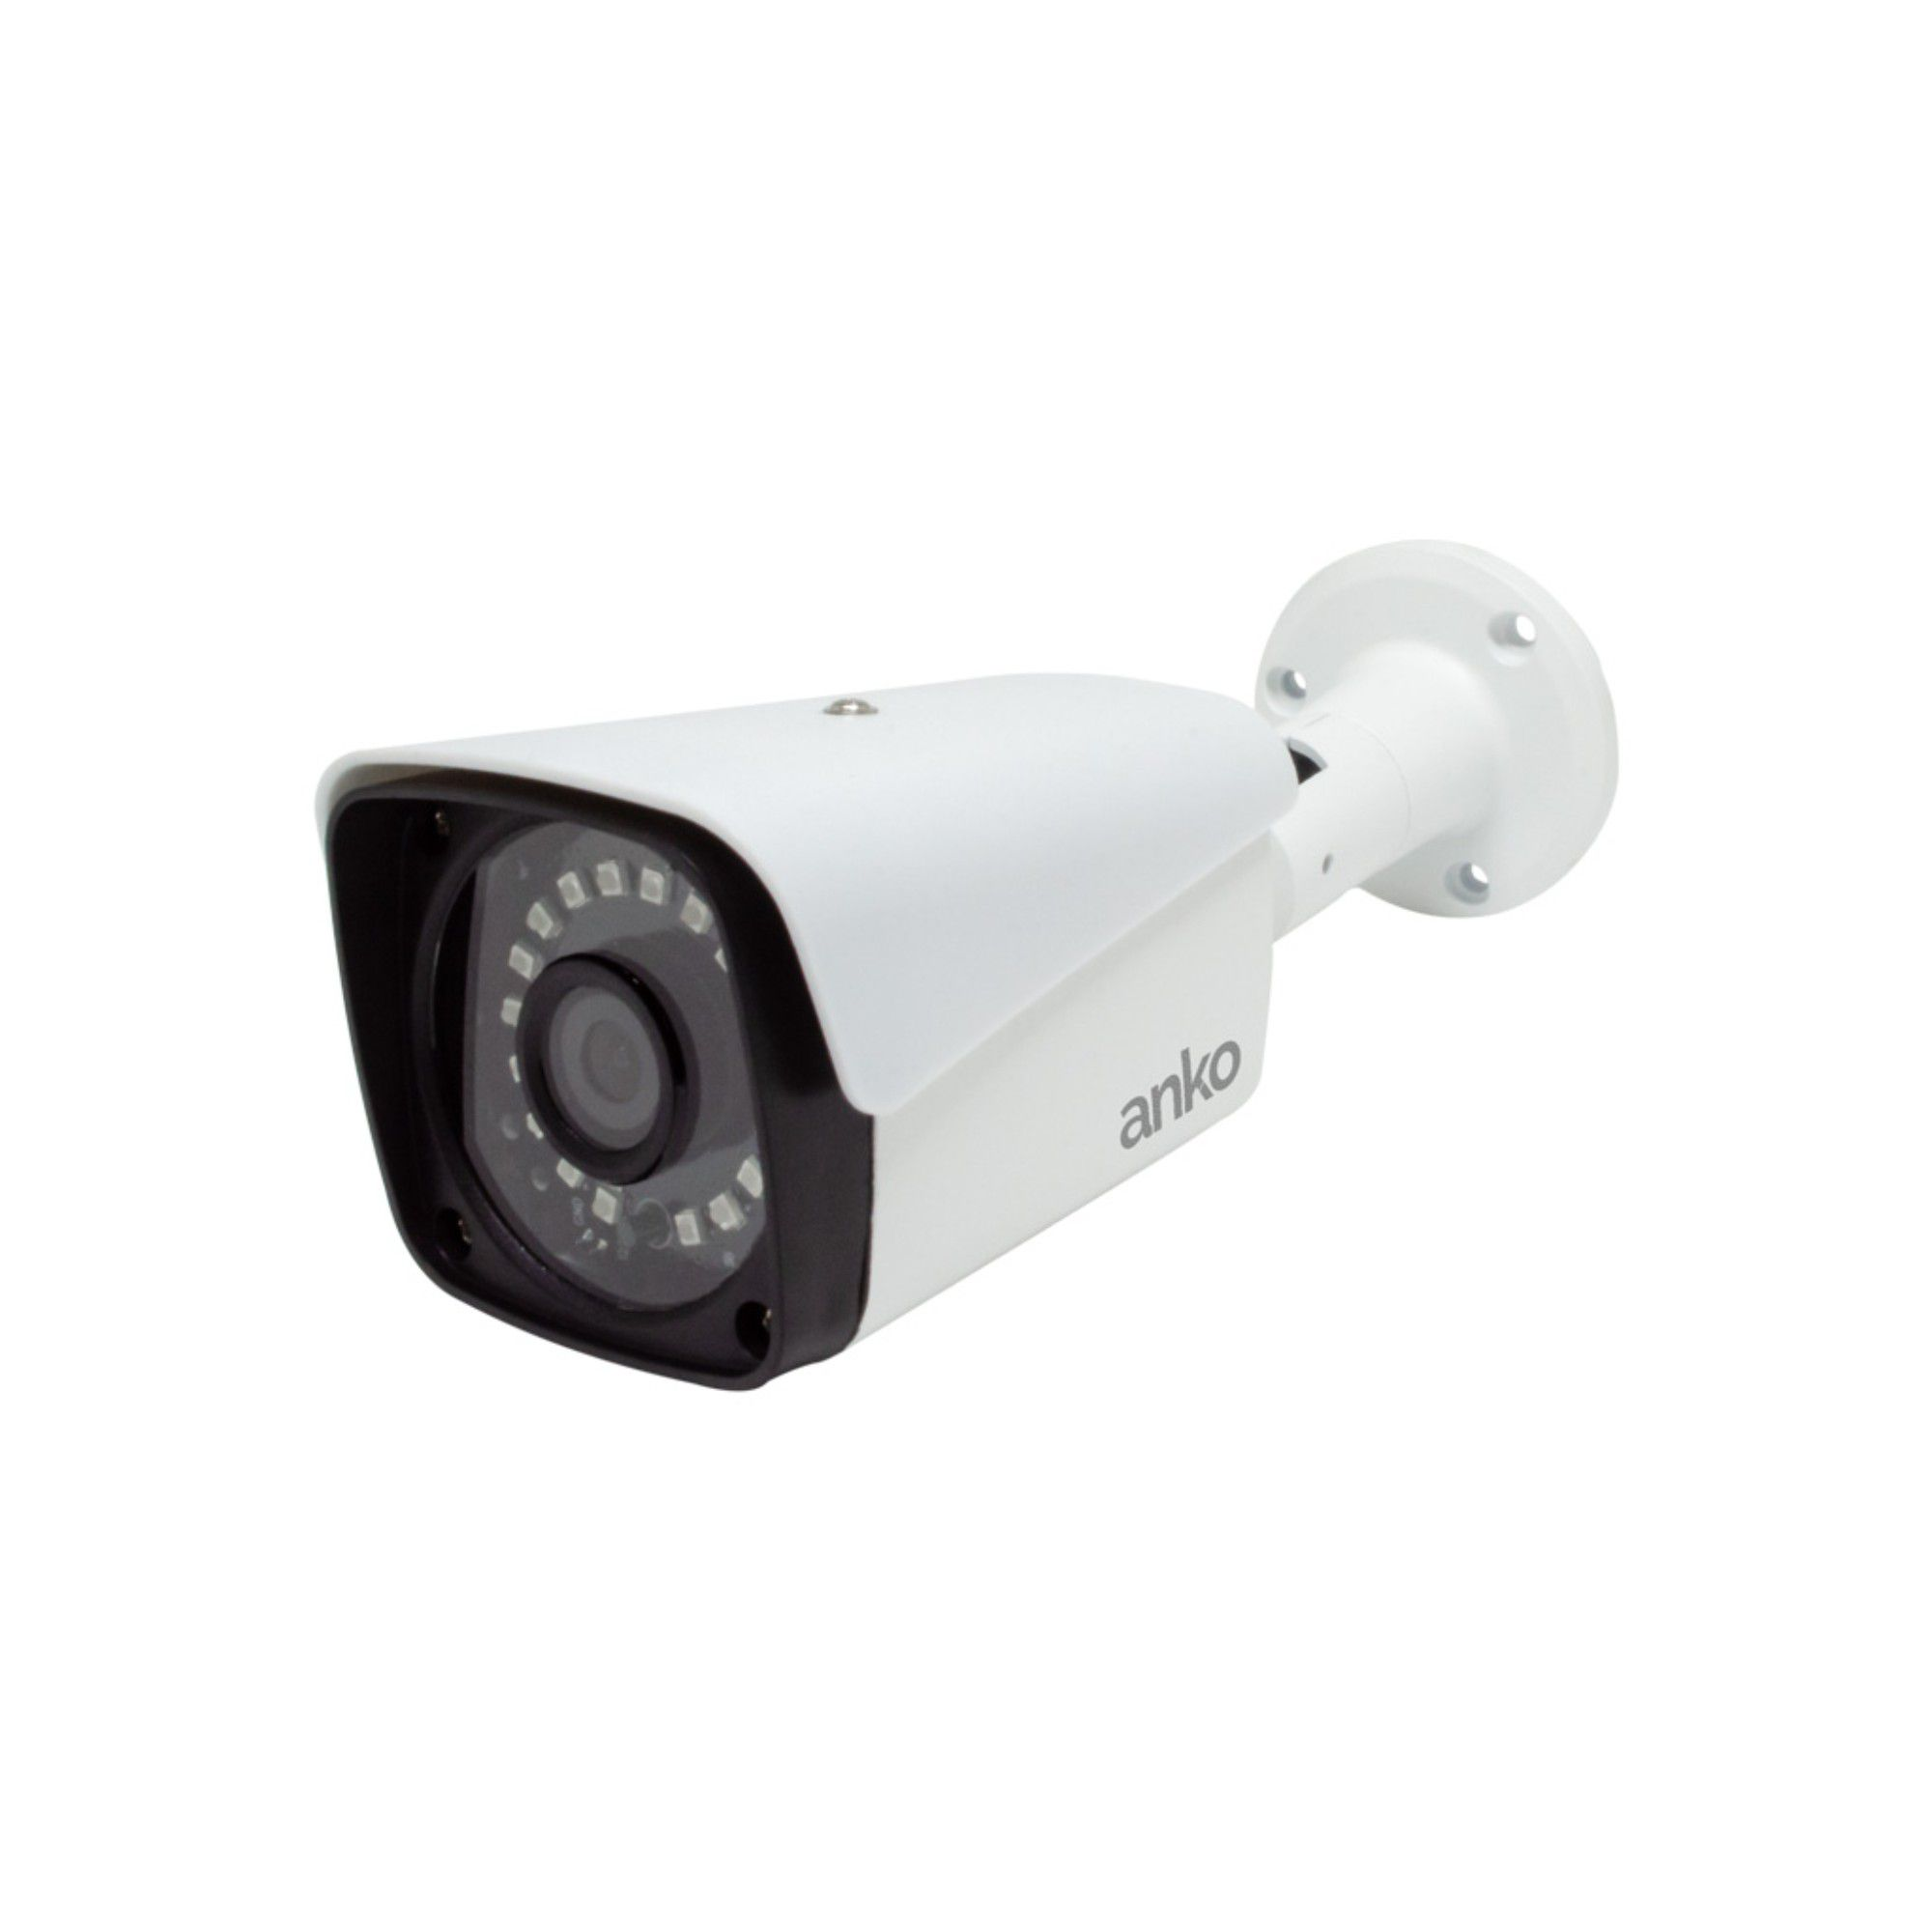 Câmera Infra Canhão ANKO FULL HD 2,8mm 30 Metros 4 em 1